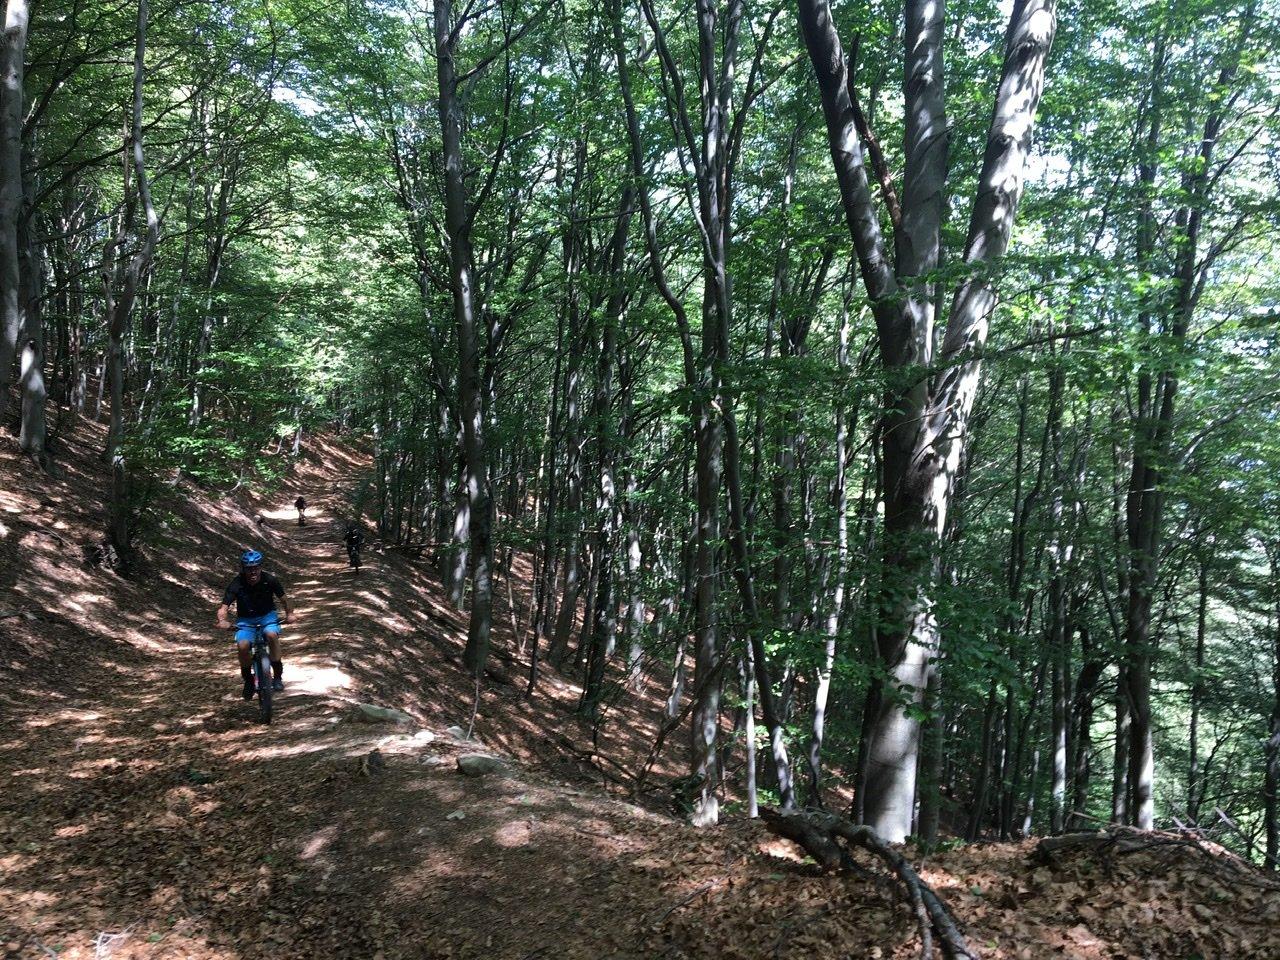 Ultimo tratto di salita, rampe dure nel bosco